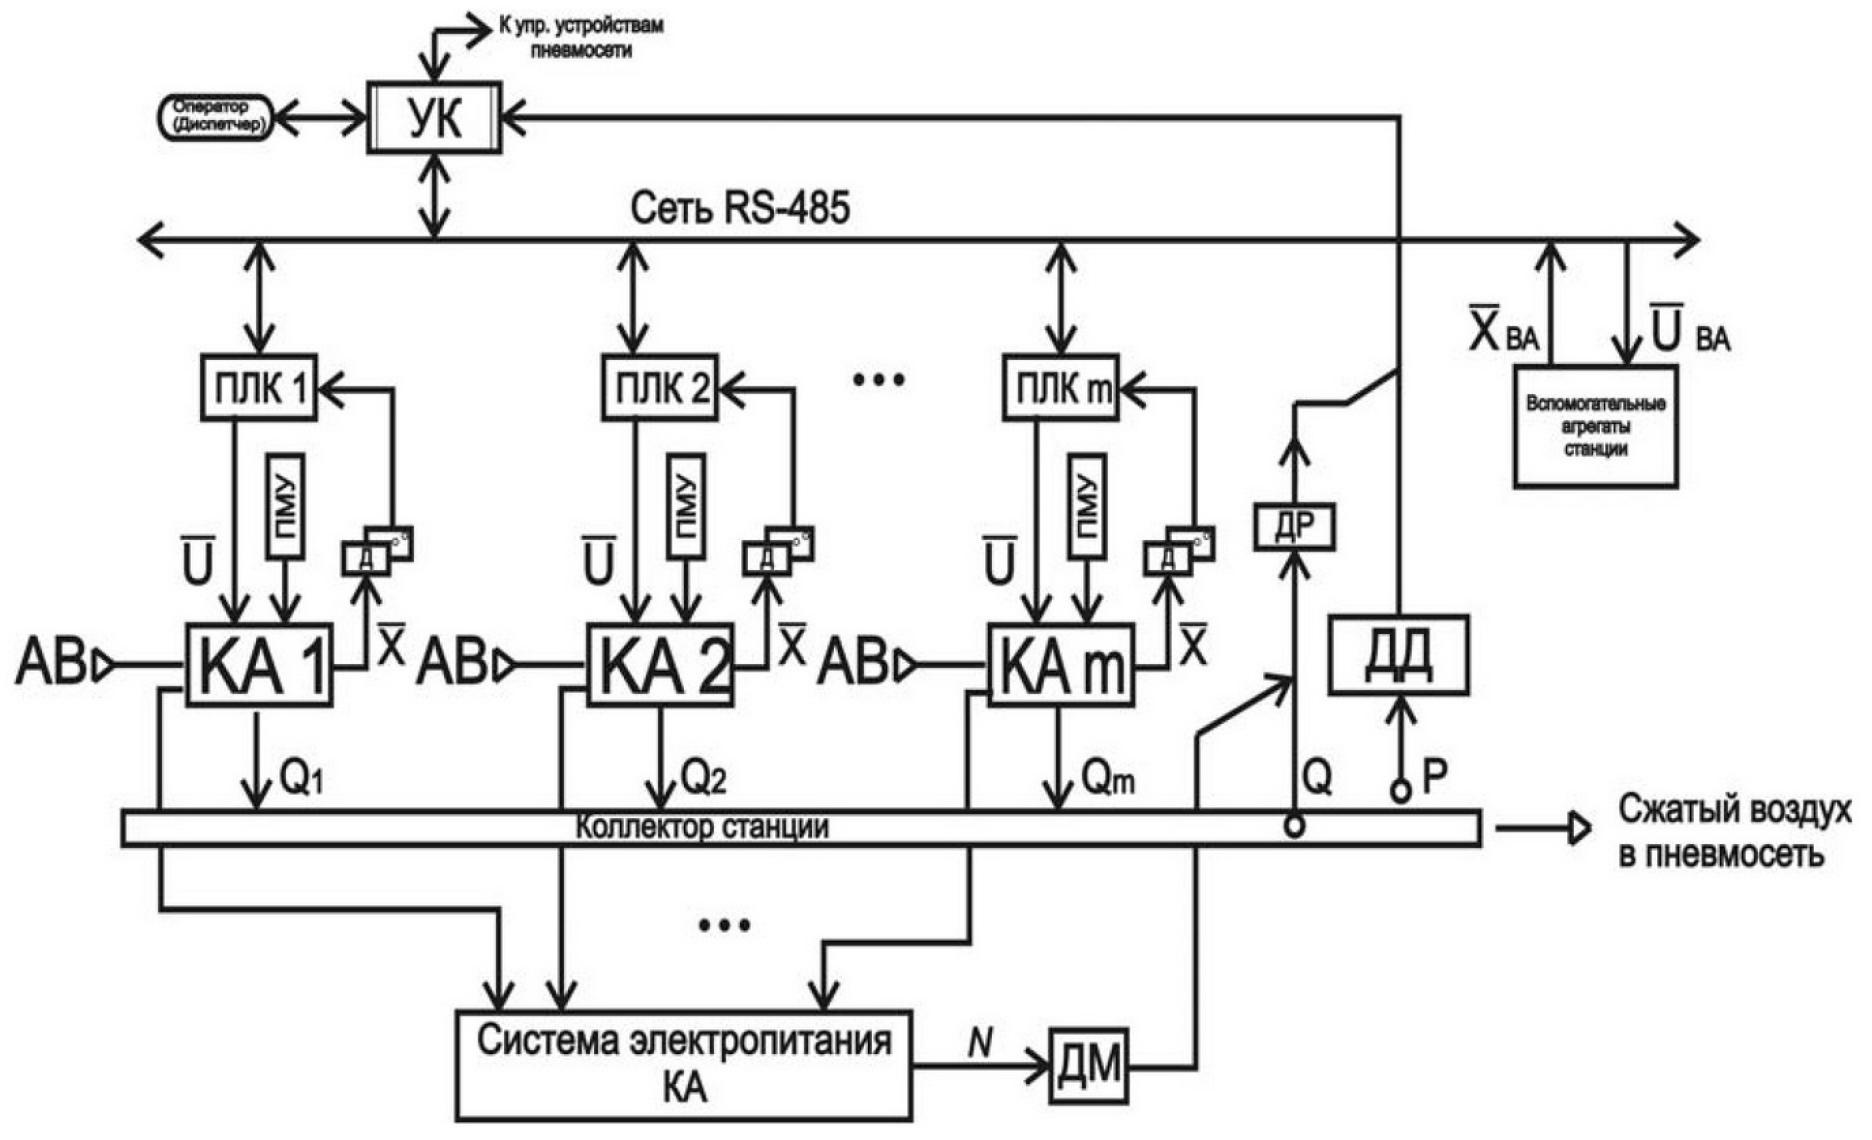 Принципы построения компьютерной системы автоматизации шахтной компрессорной станции 1